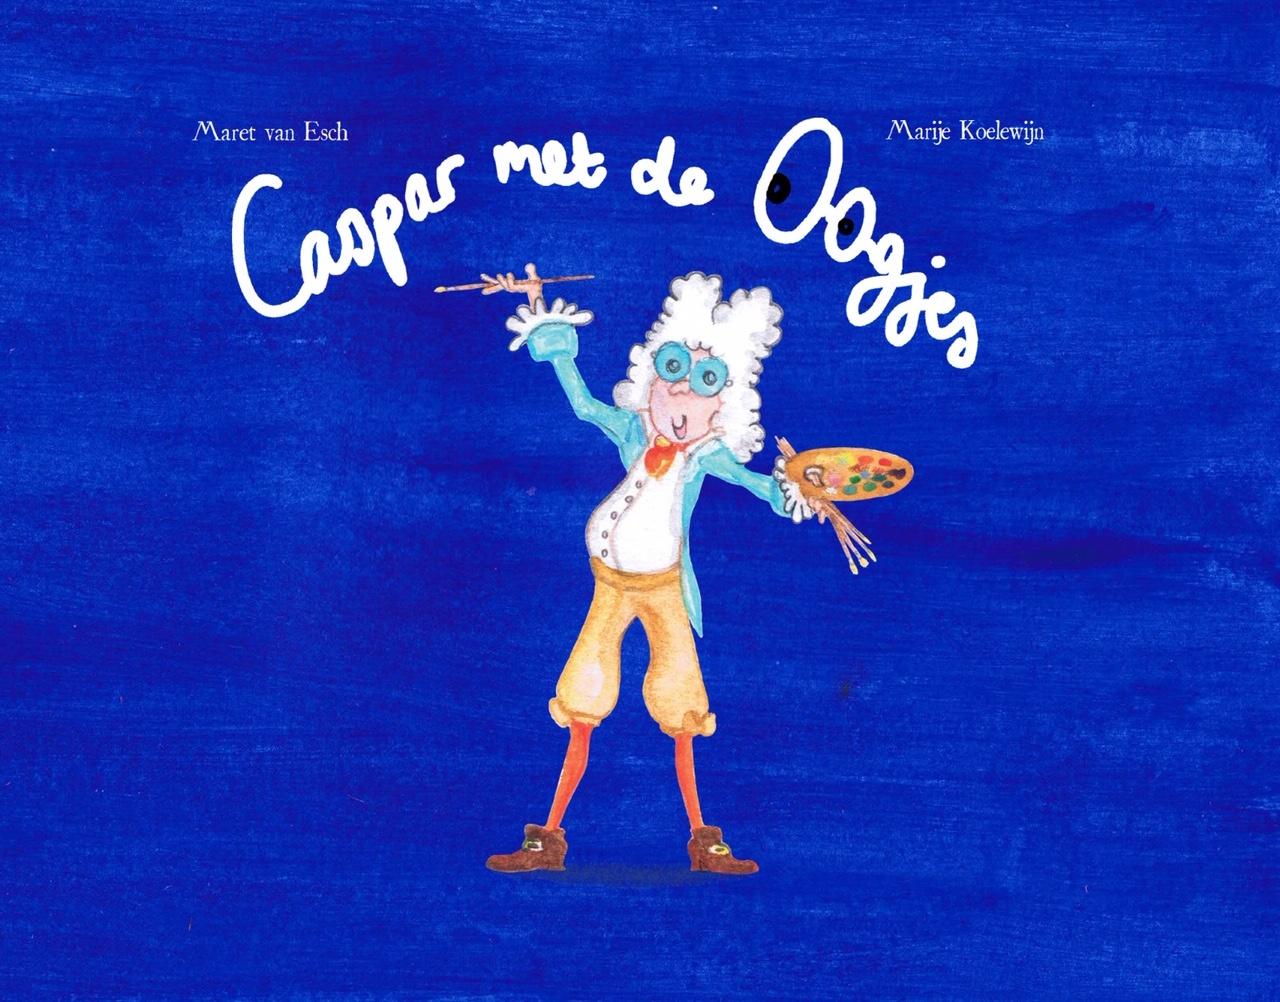 Caspar met de Oogjes!.JPG